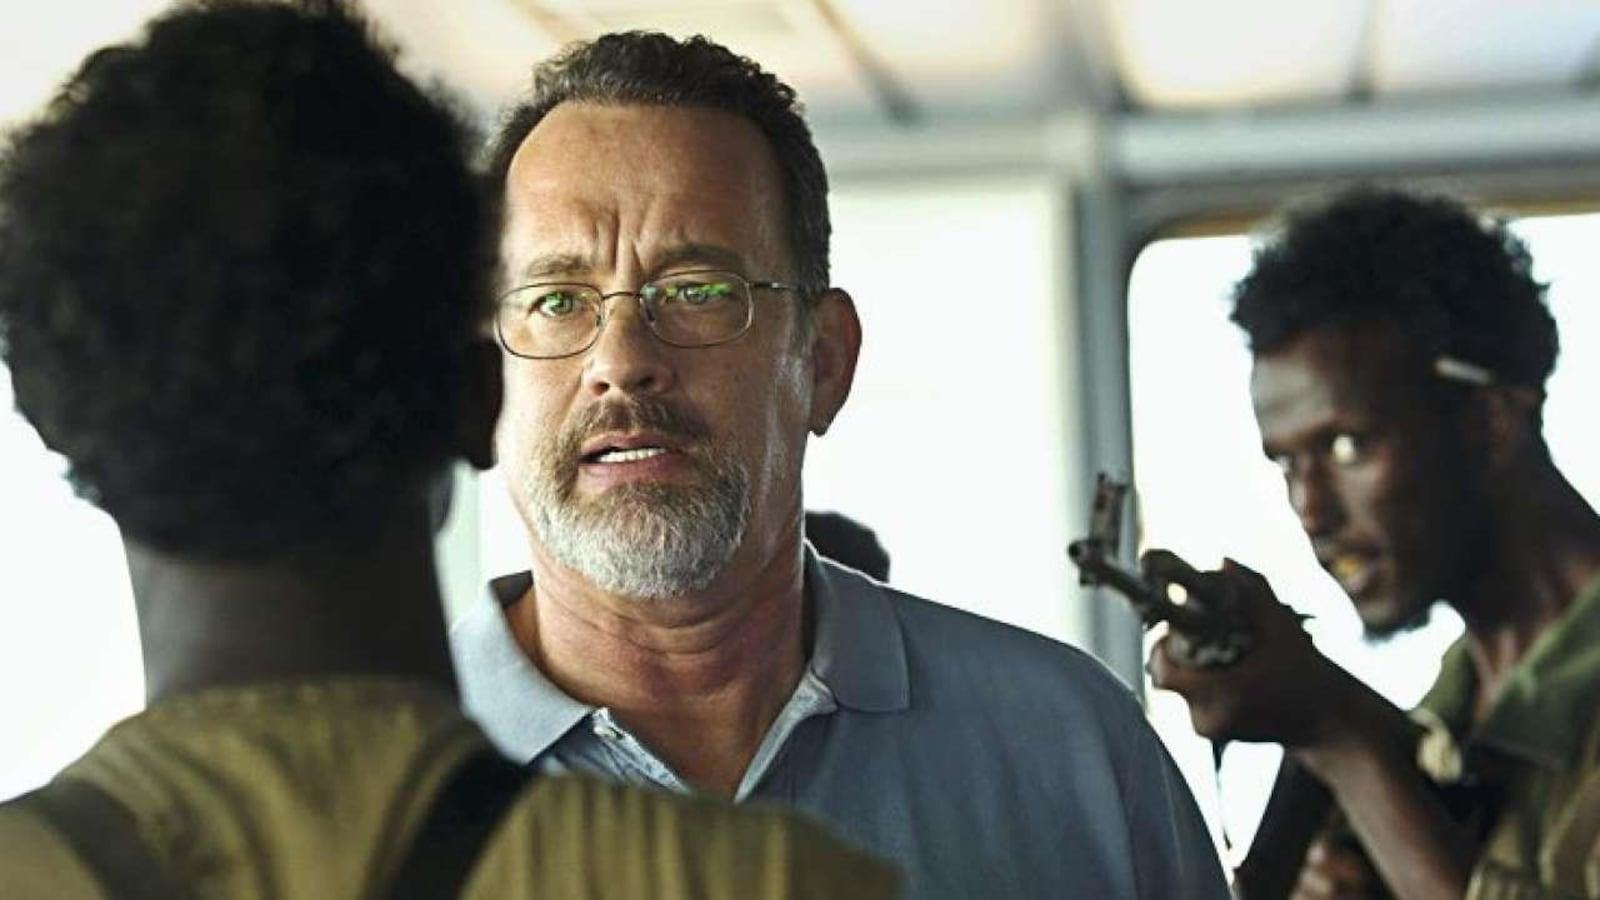 Un homme (Tom Hanks) tenu en joue par deux hommes armés.